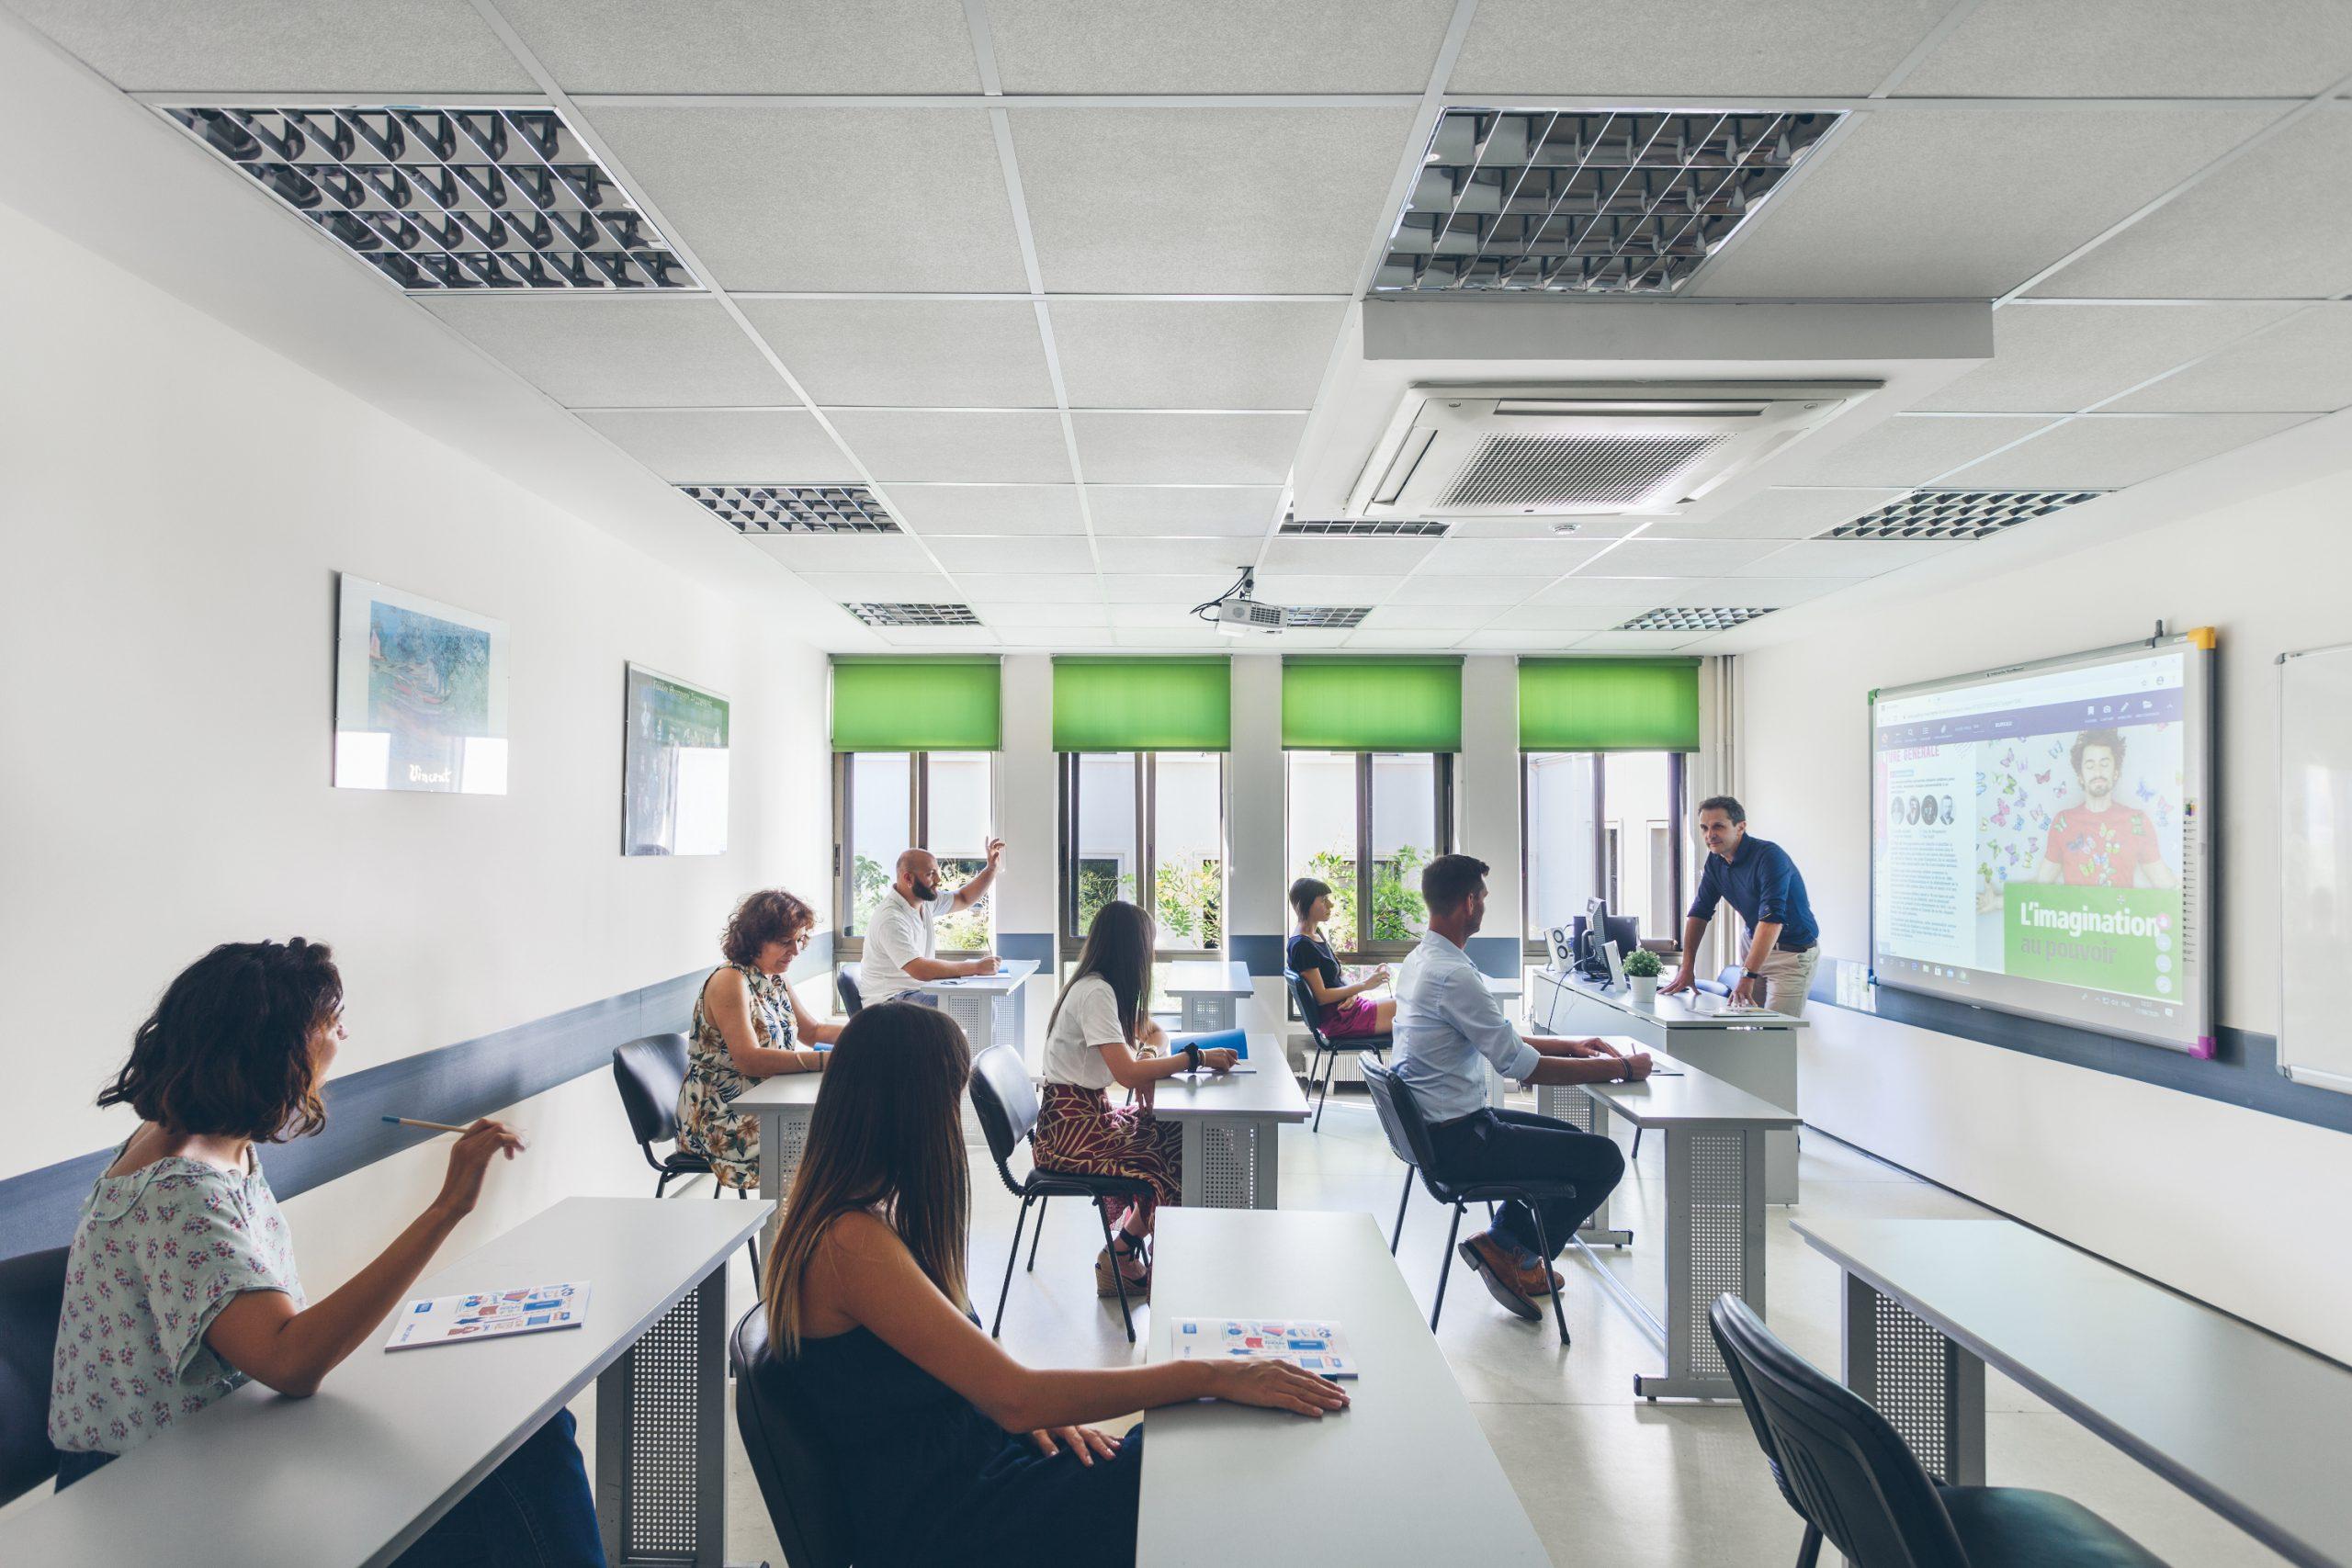 Θέσεις εργασίας για καθηγητές/ριες γαλλικών στο Γαλλικό Ινστιτούτο